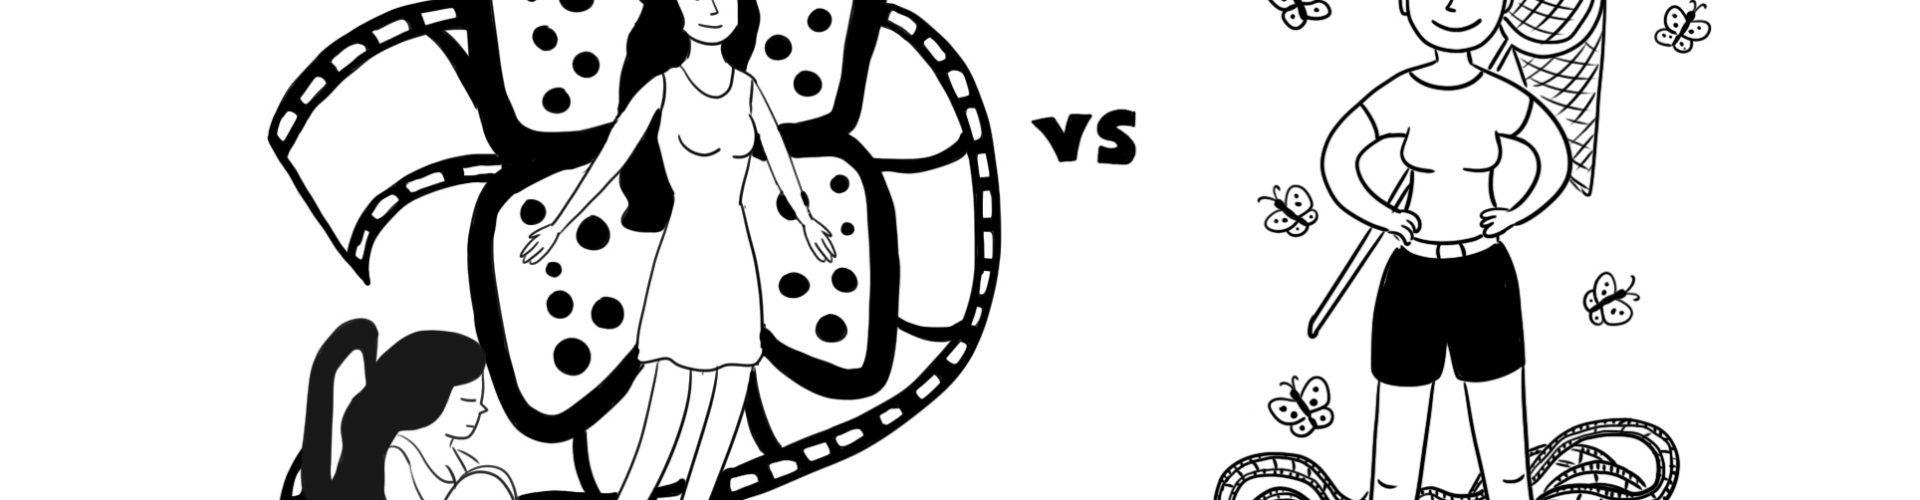 Чем отличаются герои фильмов и сериалов